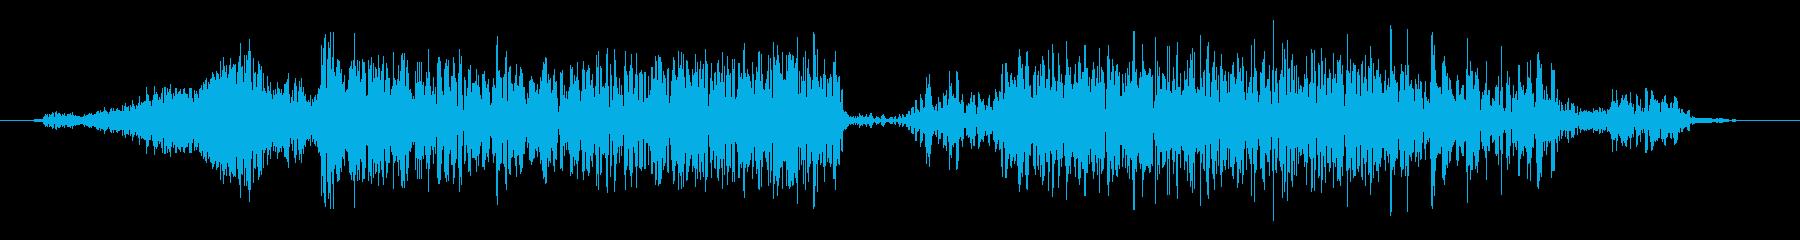 カエル モンスター ゲーム スキルの再生済みの波形